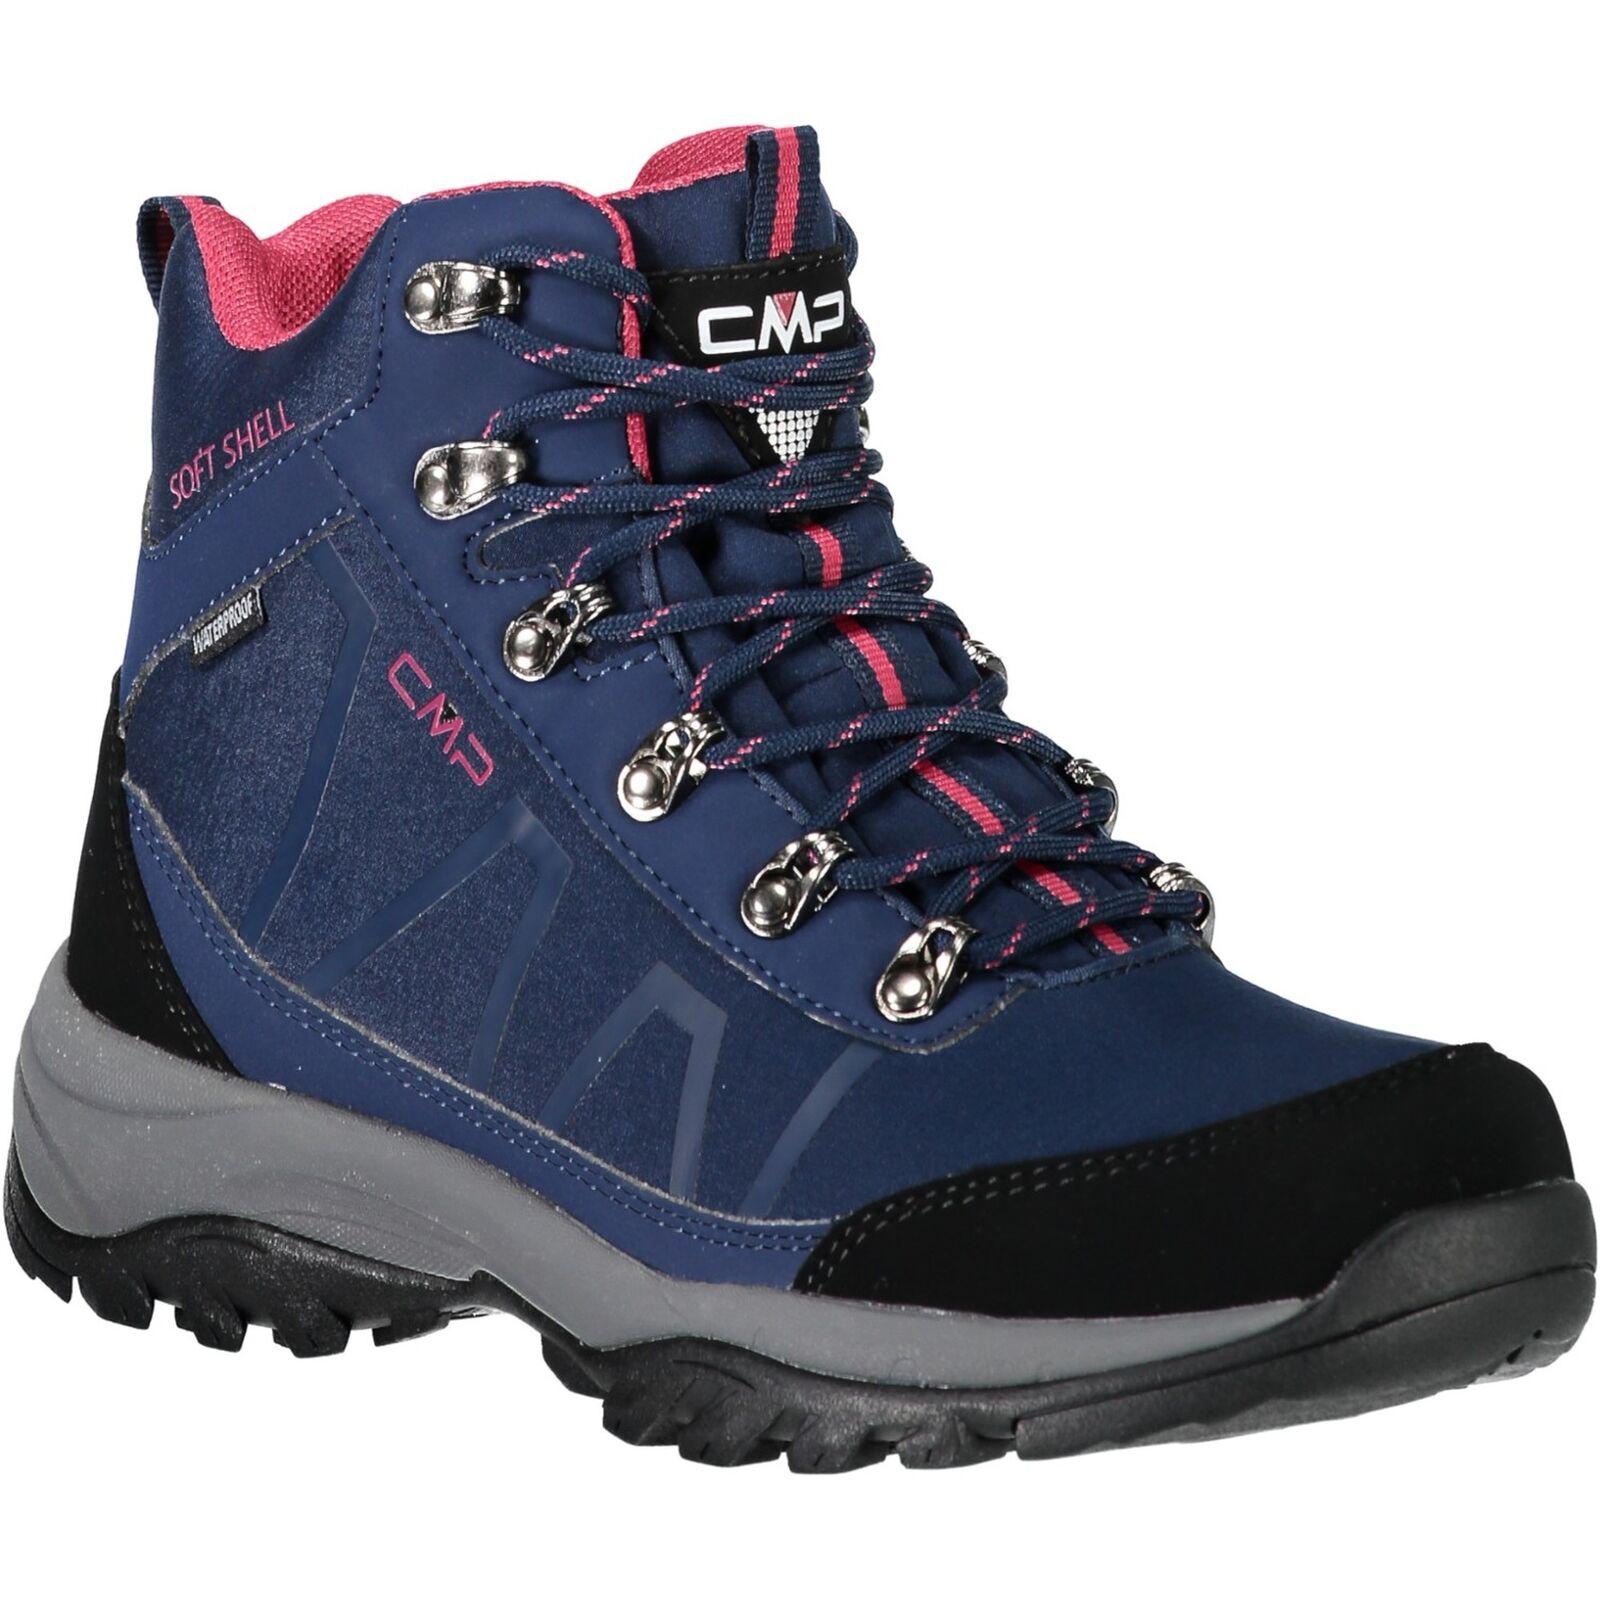 CMP Trekking shoes Outdoorschuh Soft Naos Women's Trekking shoes Wp blue